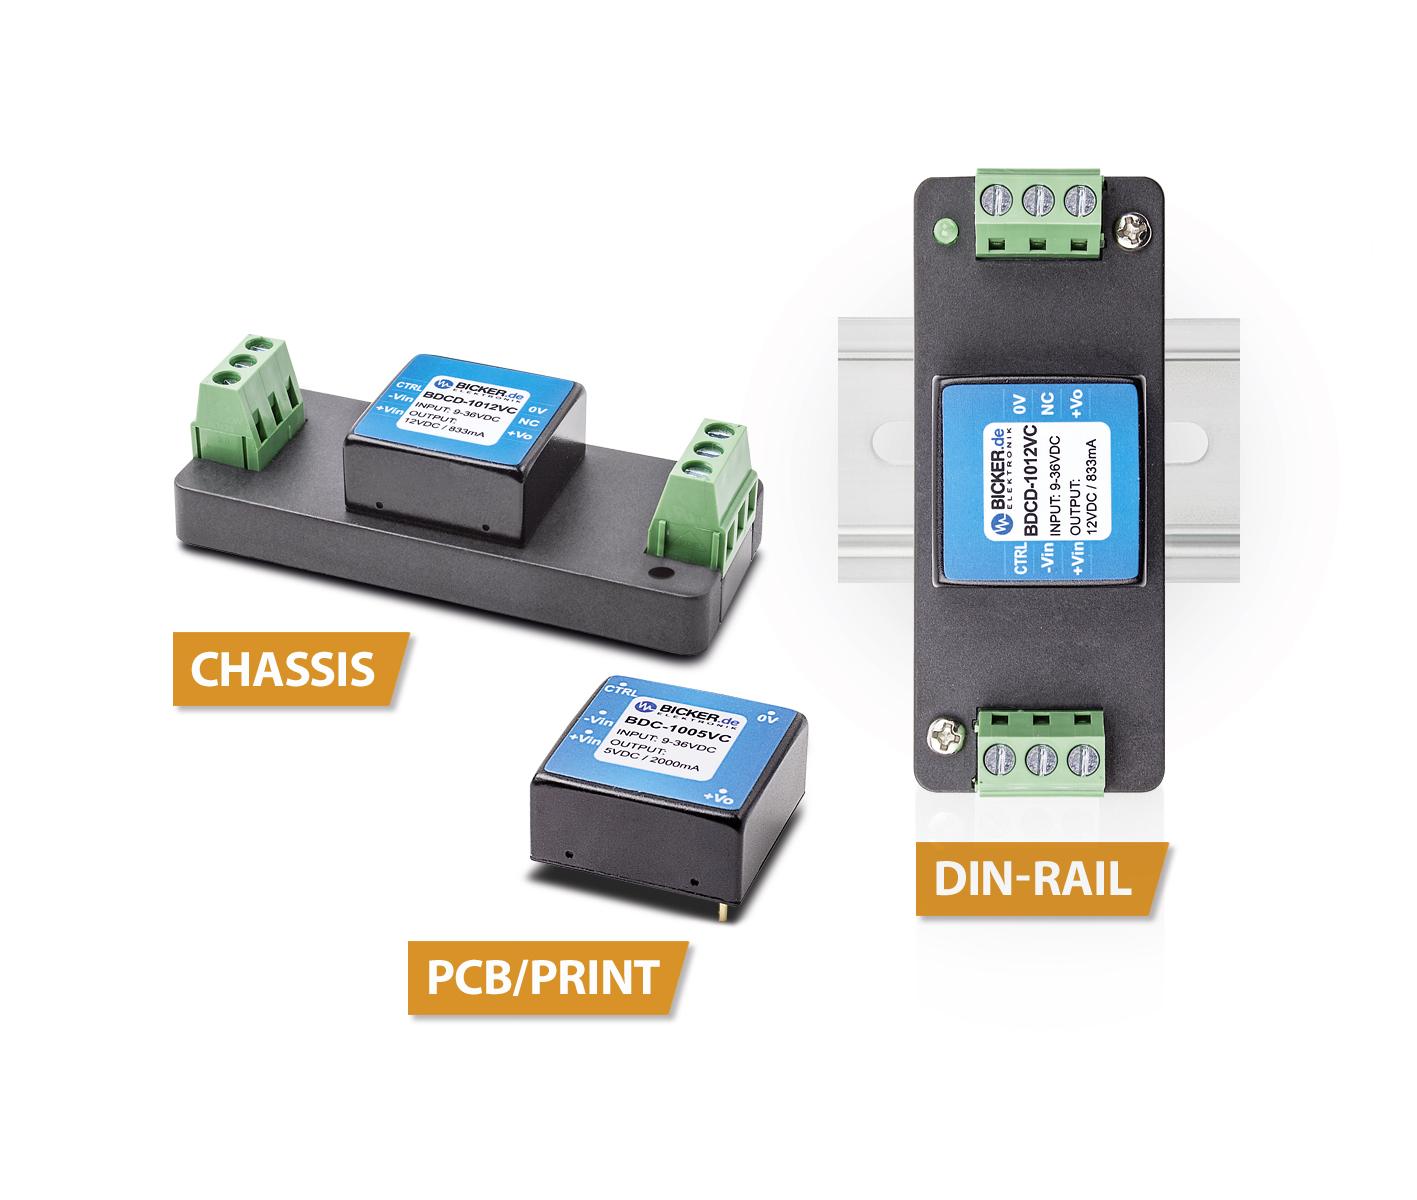 4:1-DC/DC-Wandler für die flexible  Print-, Chassis- oder DIN-Rail-Montage